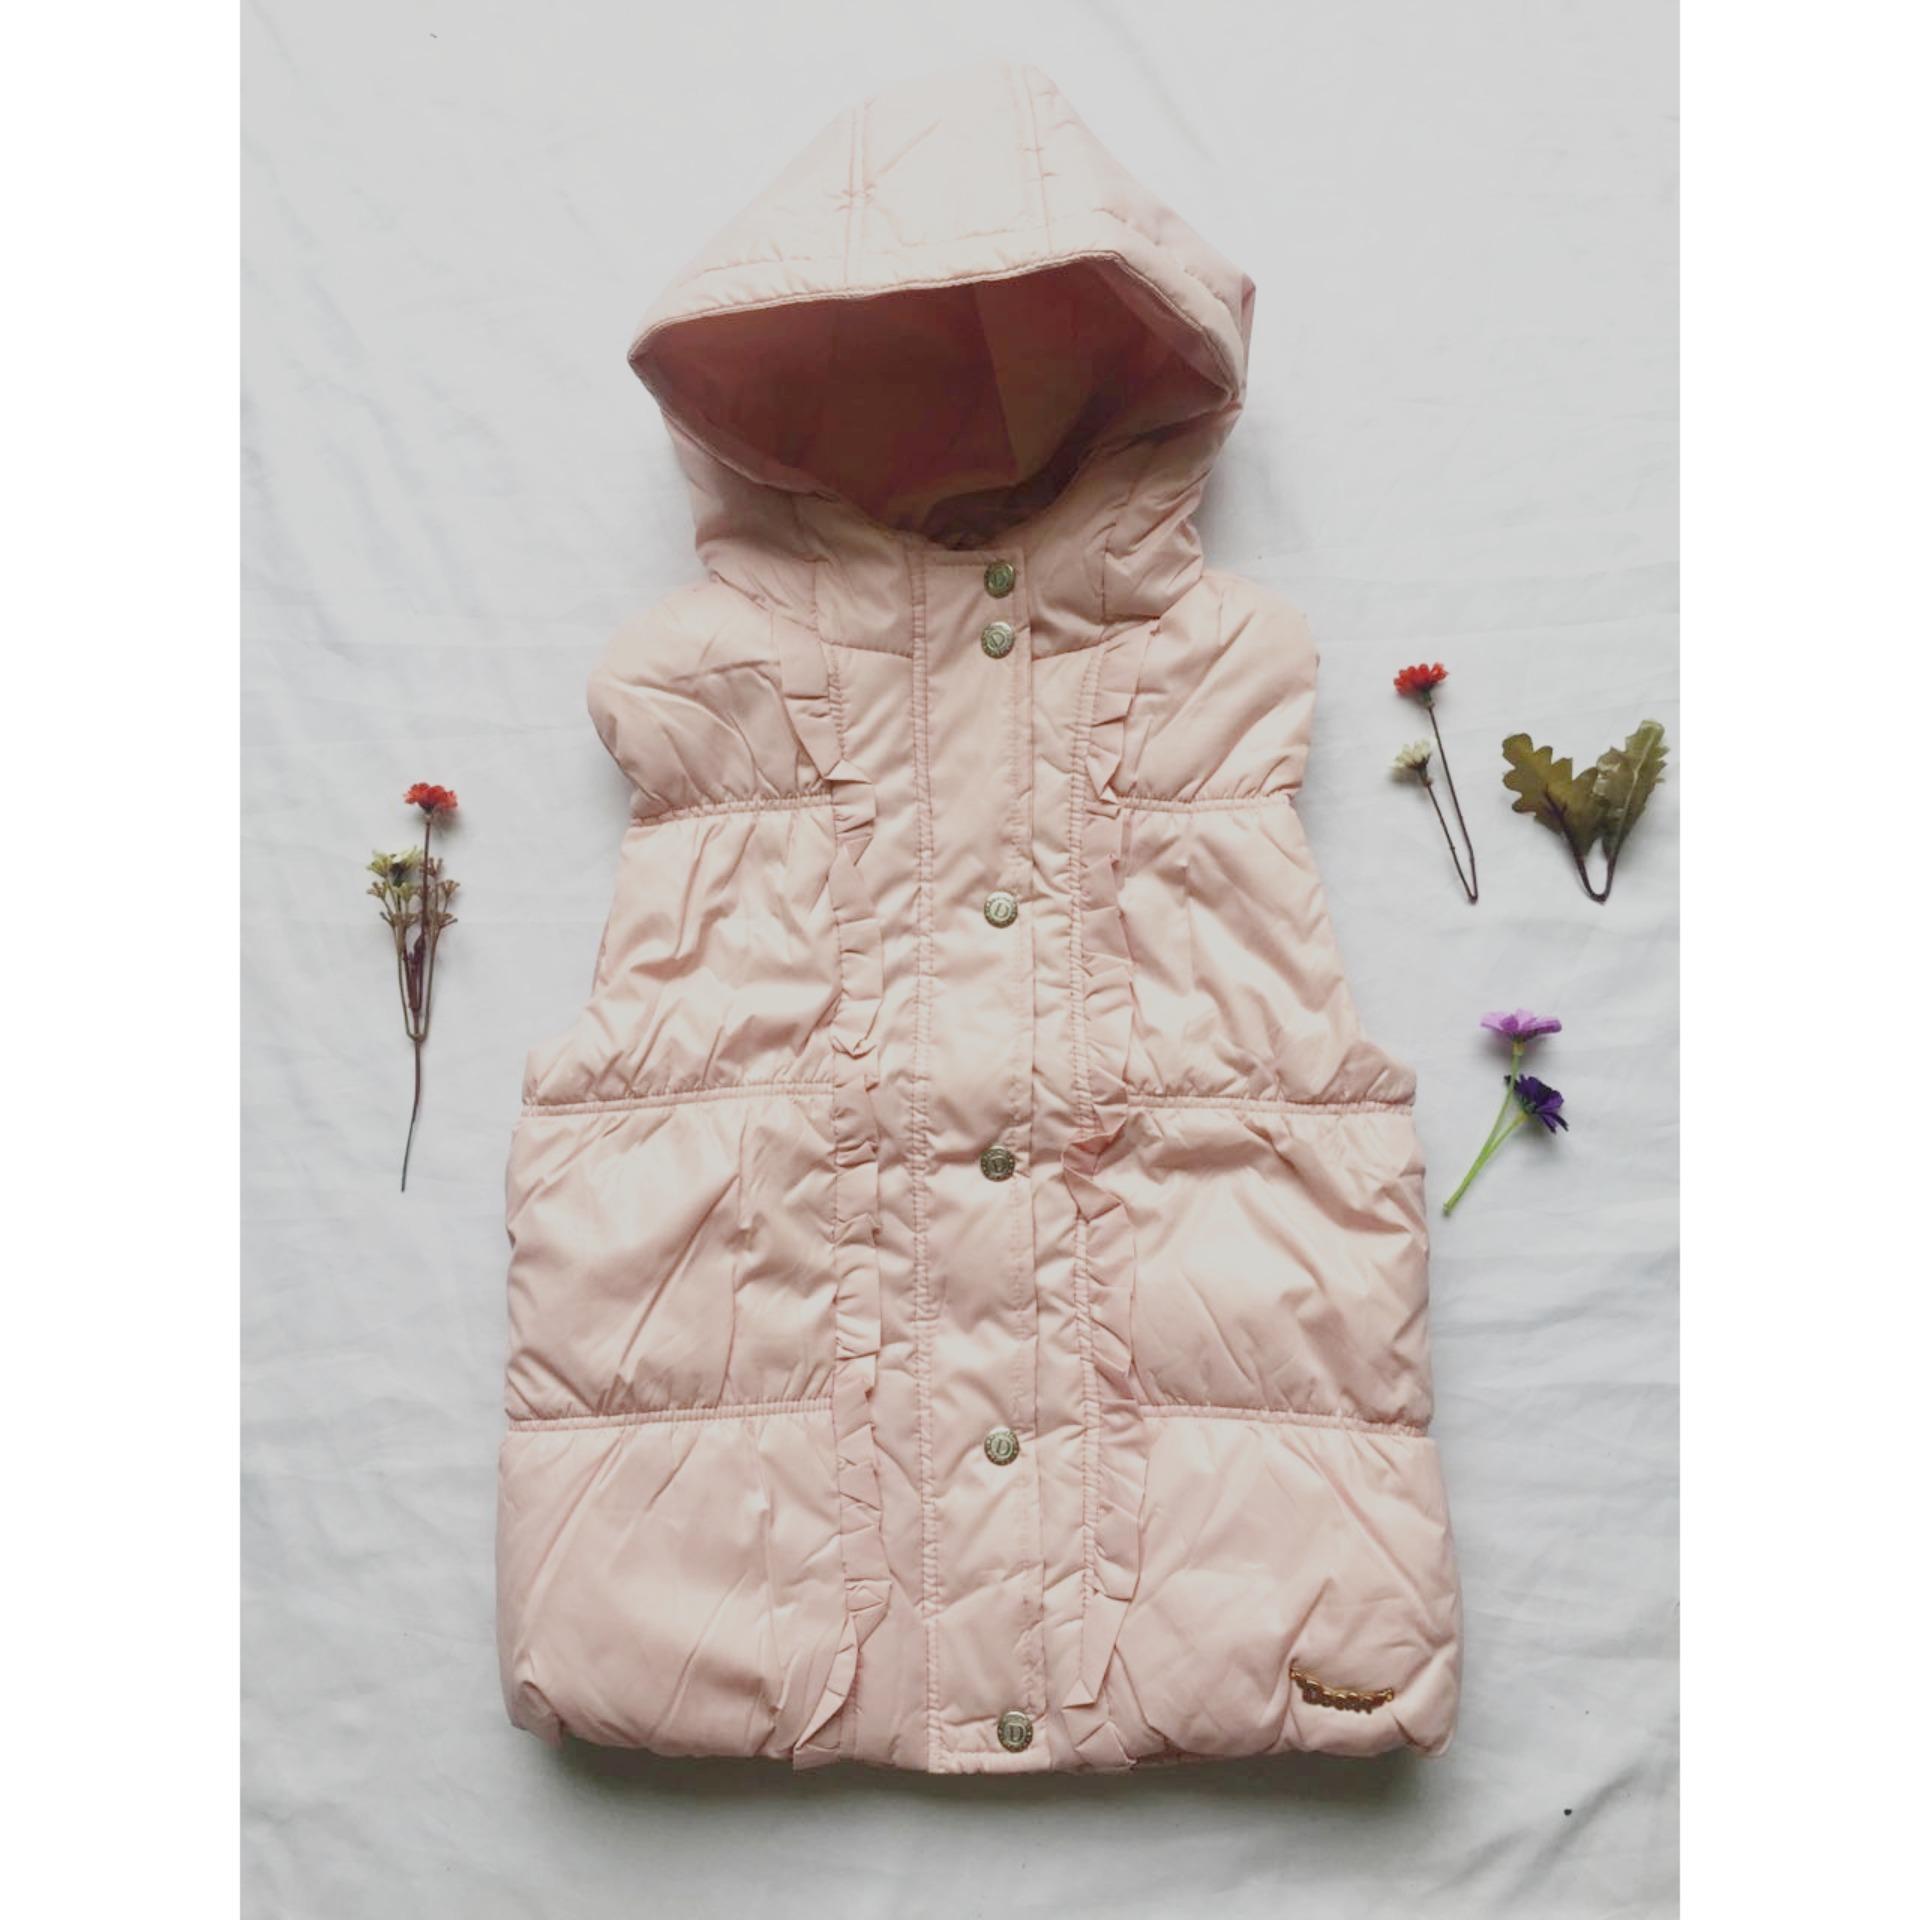 Cách mua Áo khoác phao ba lỗ bé gái thanh niên mùa thu đông – hồng – ddcatkis city fashion 06109